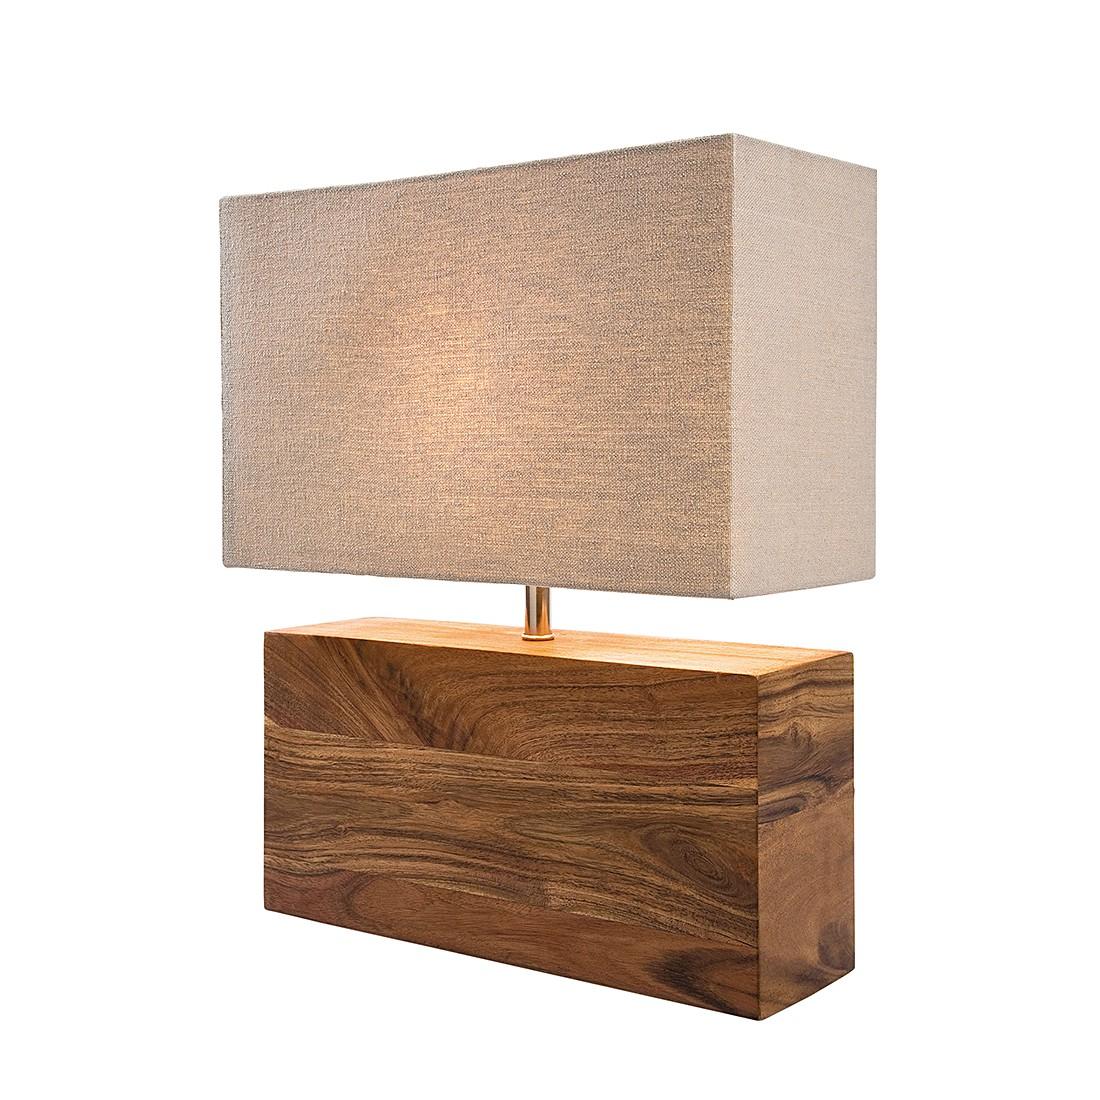 Tischleuchte Rectangular Wood Nature ● Baumwolle/Akazienholz- Kare Design A++